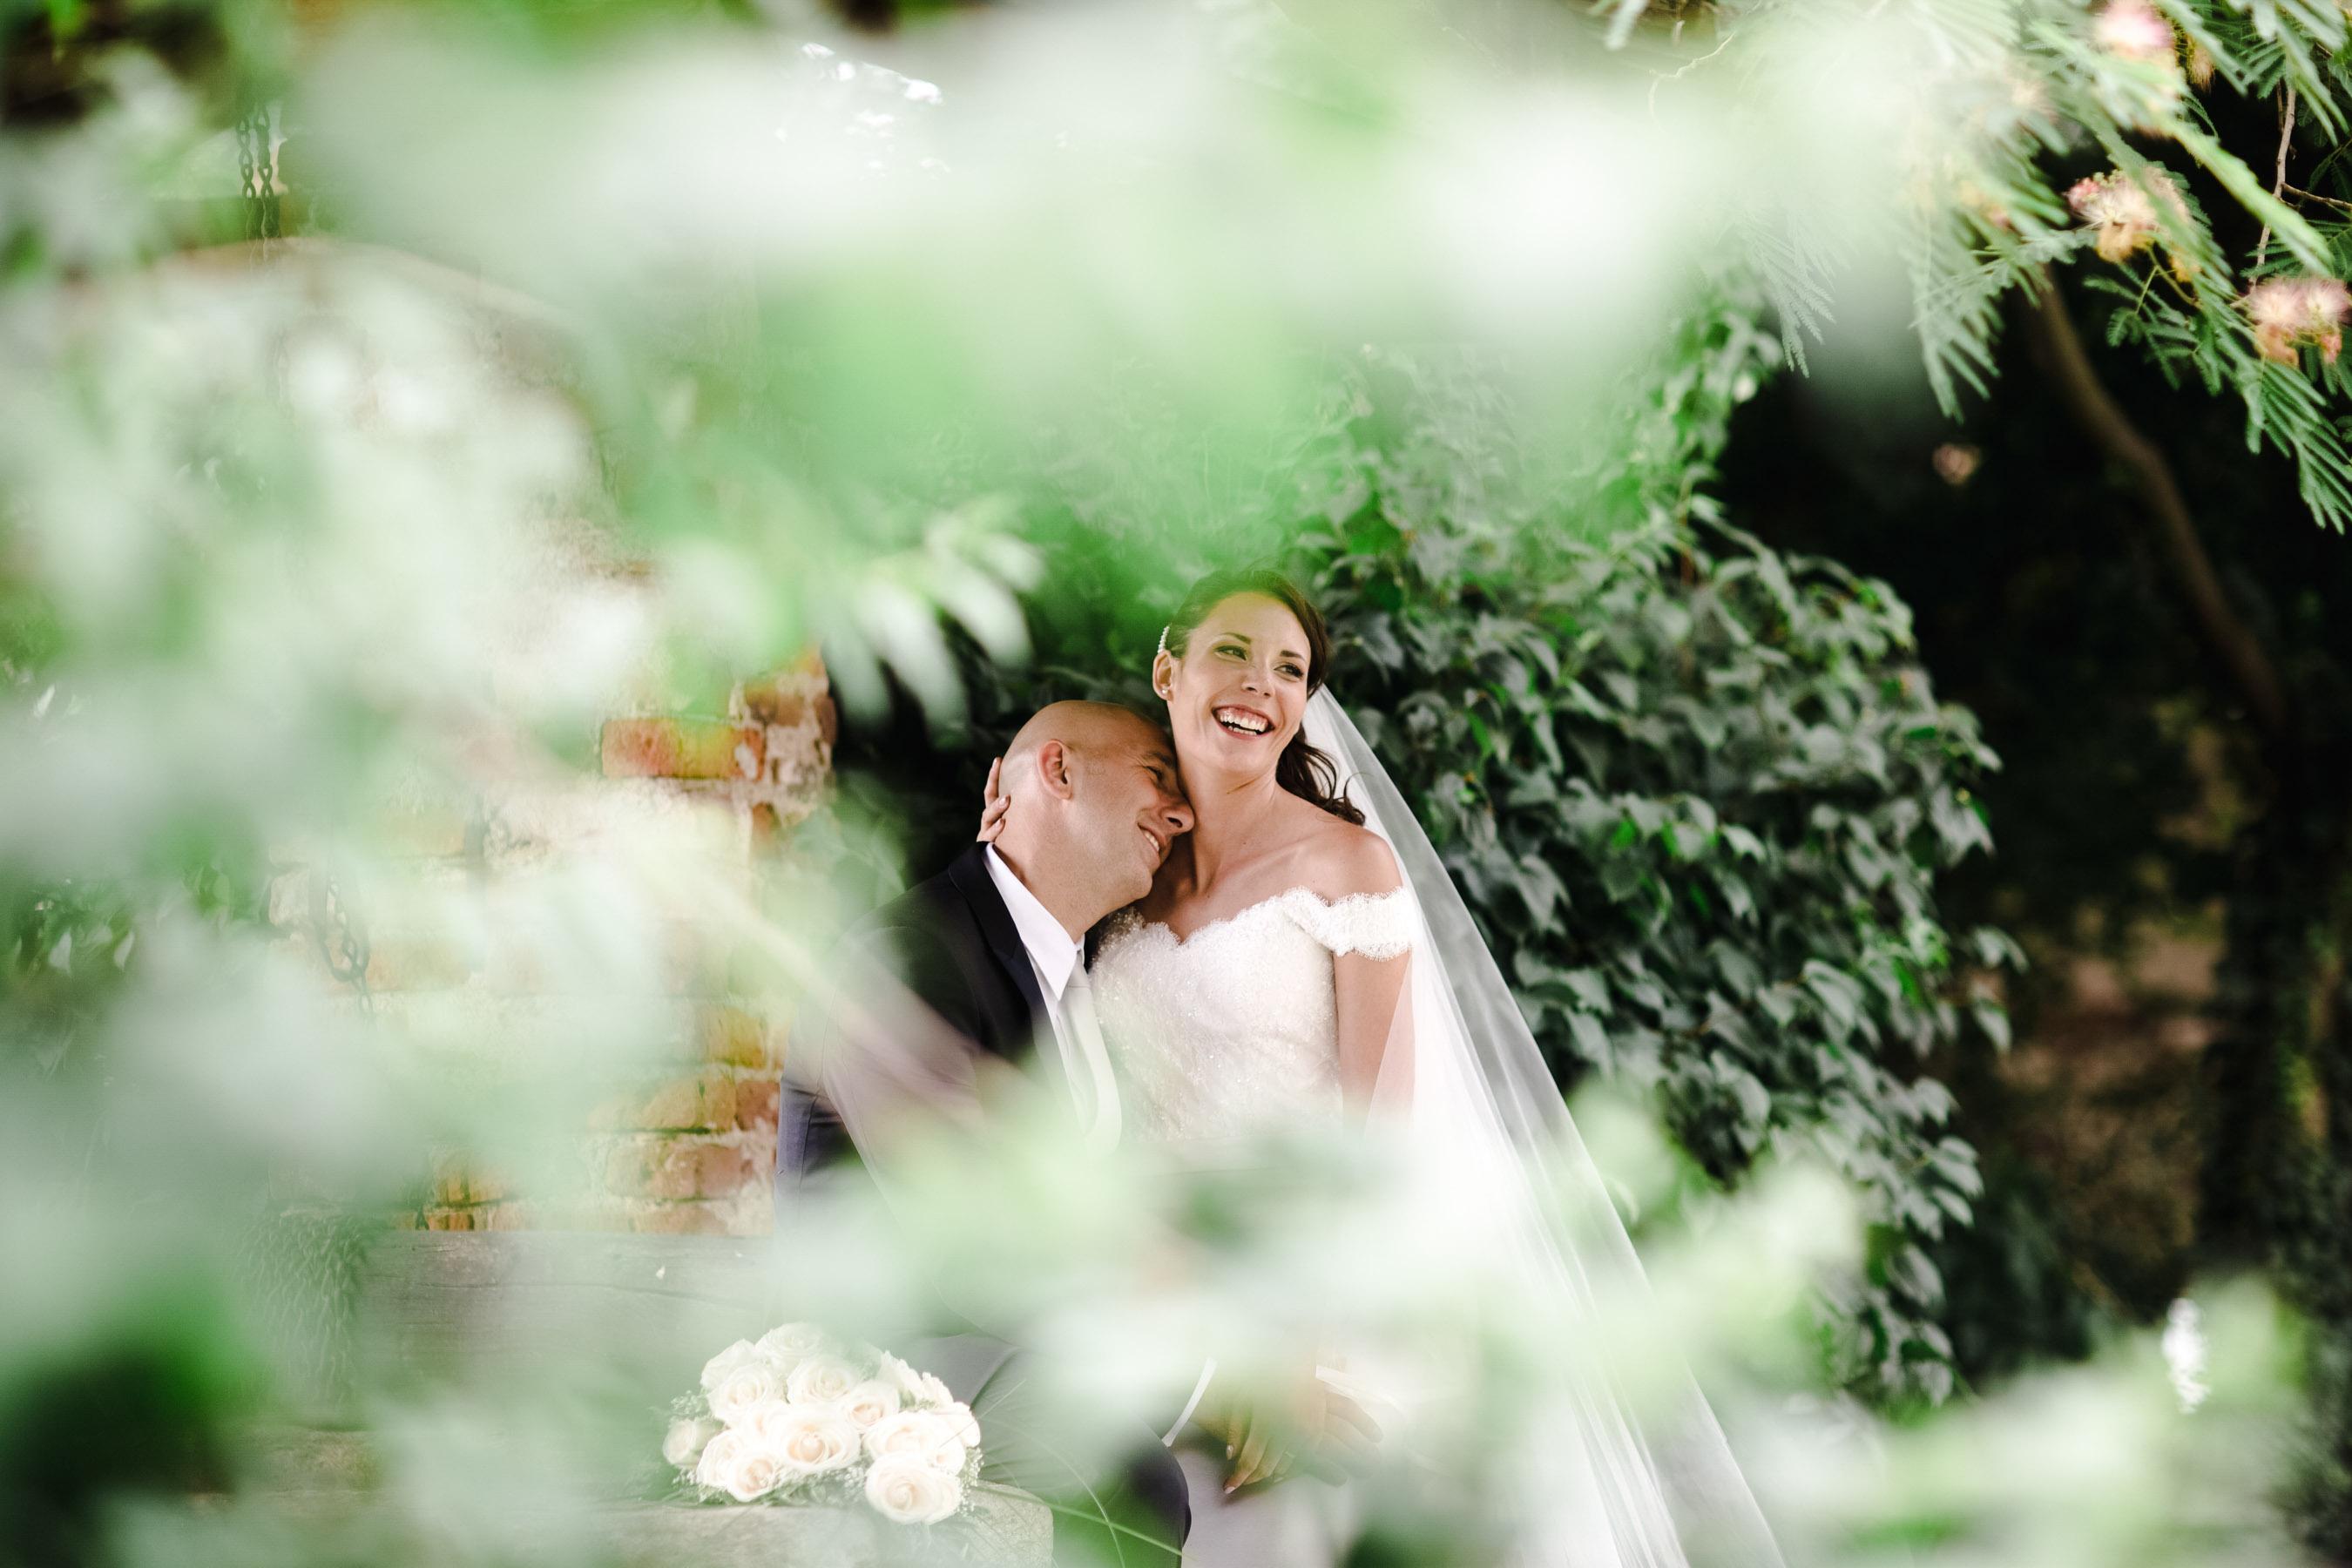 art foto_torino_monica sica photography_la vià _cavour_ fotografo matrimonio_torino-44